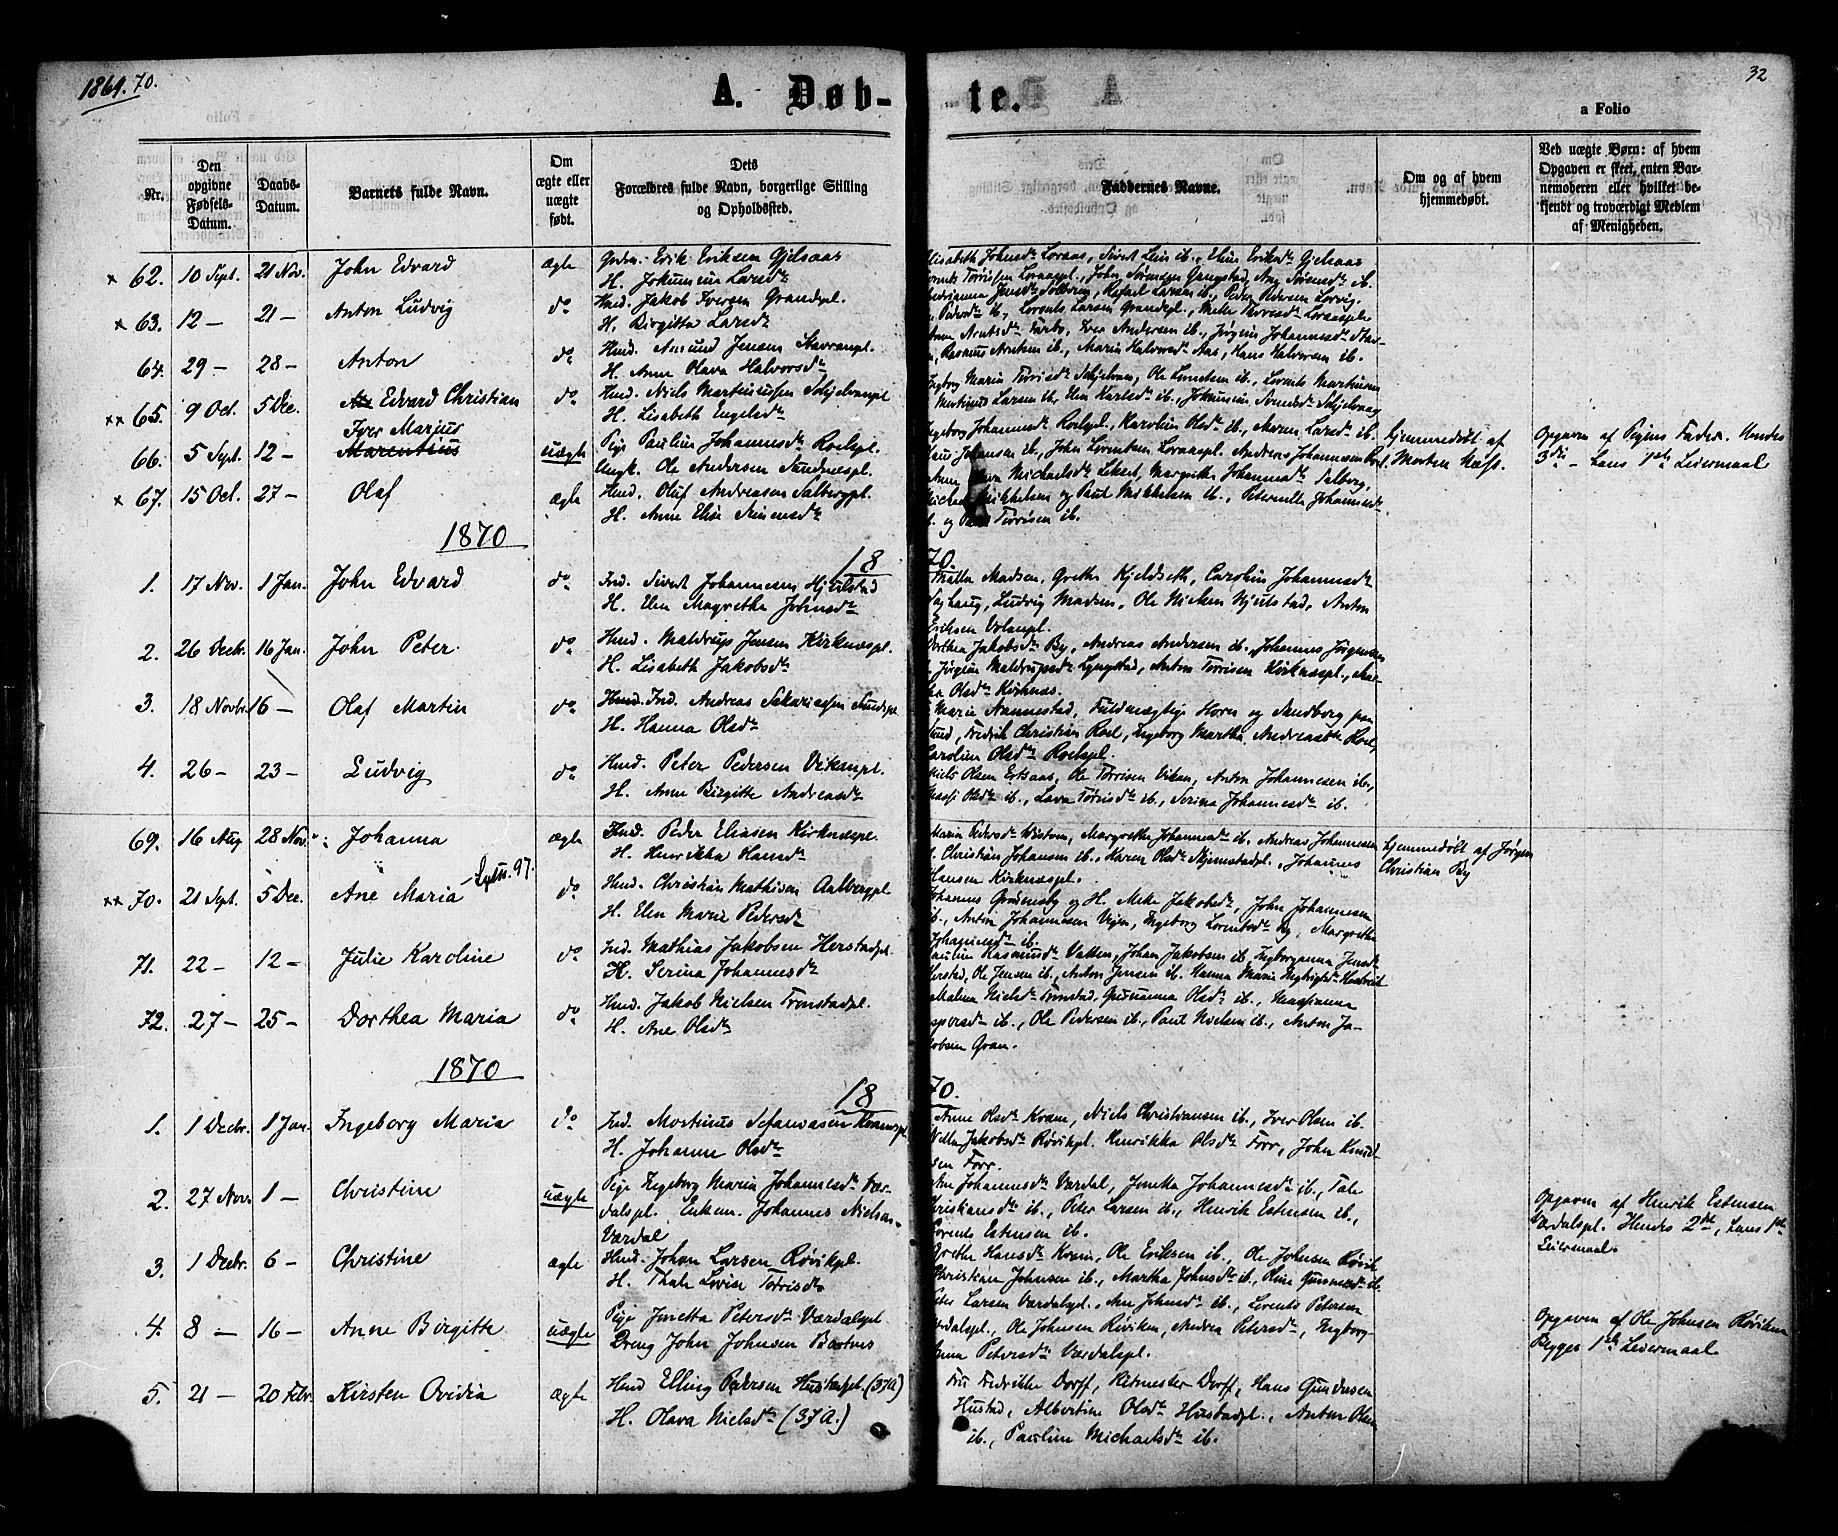 SAT, Ministerialprotokoller, klokkerbøker og fødselsregistre - Nord-Trøndelag, 730/L0284: Ministerialbok nr. 730A09, 1866-1878, s. 32